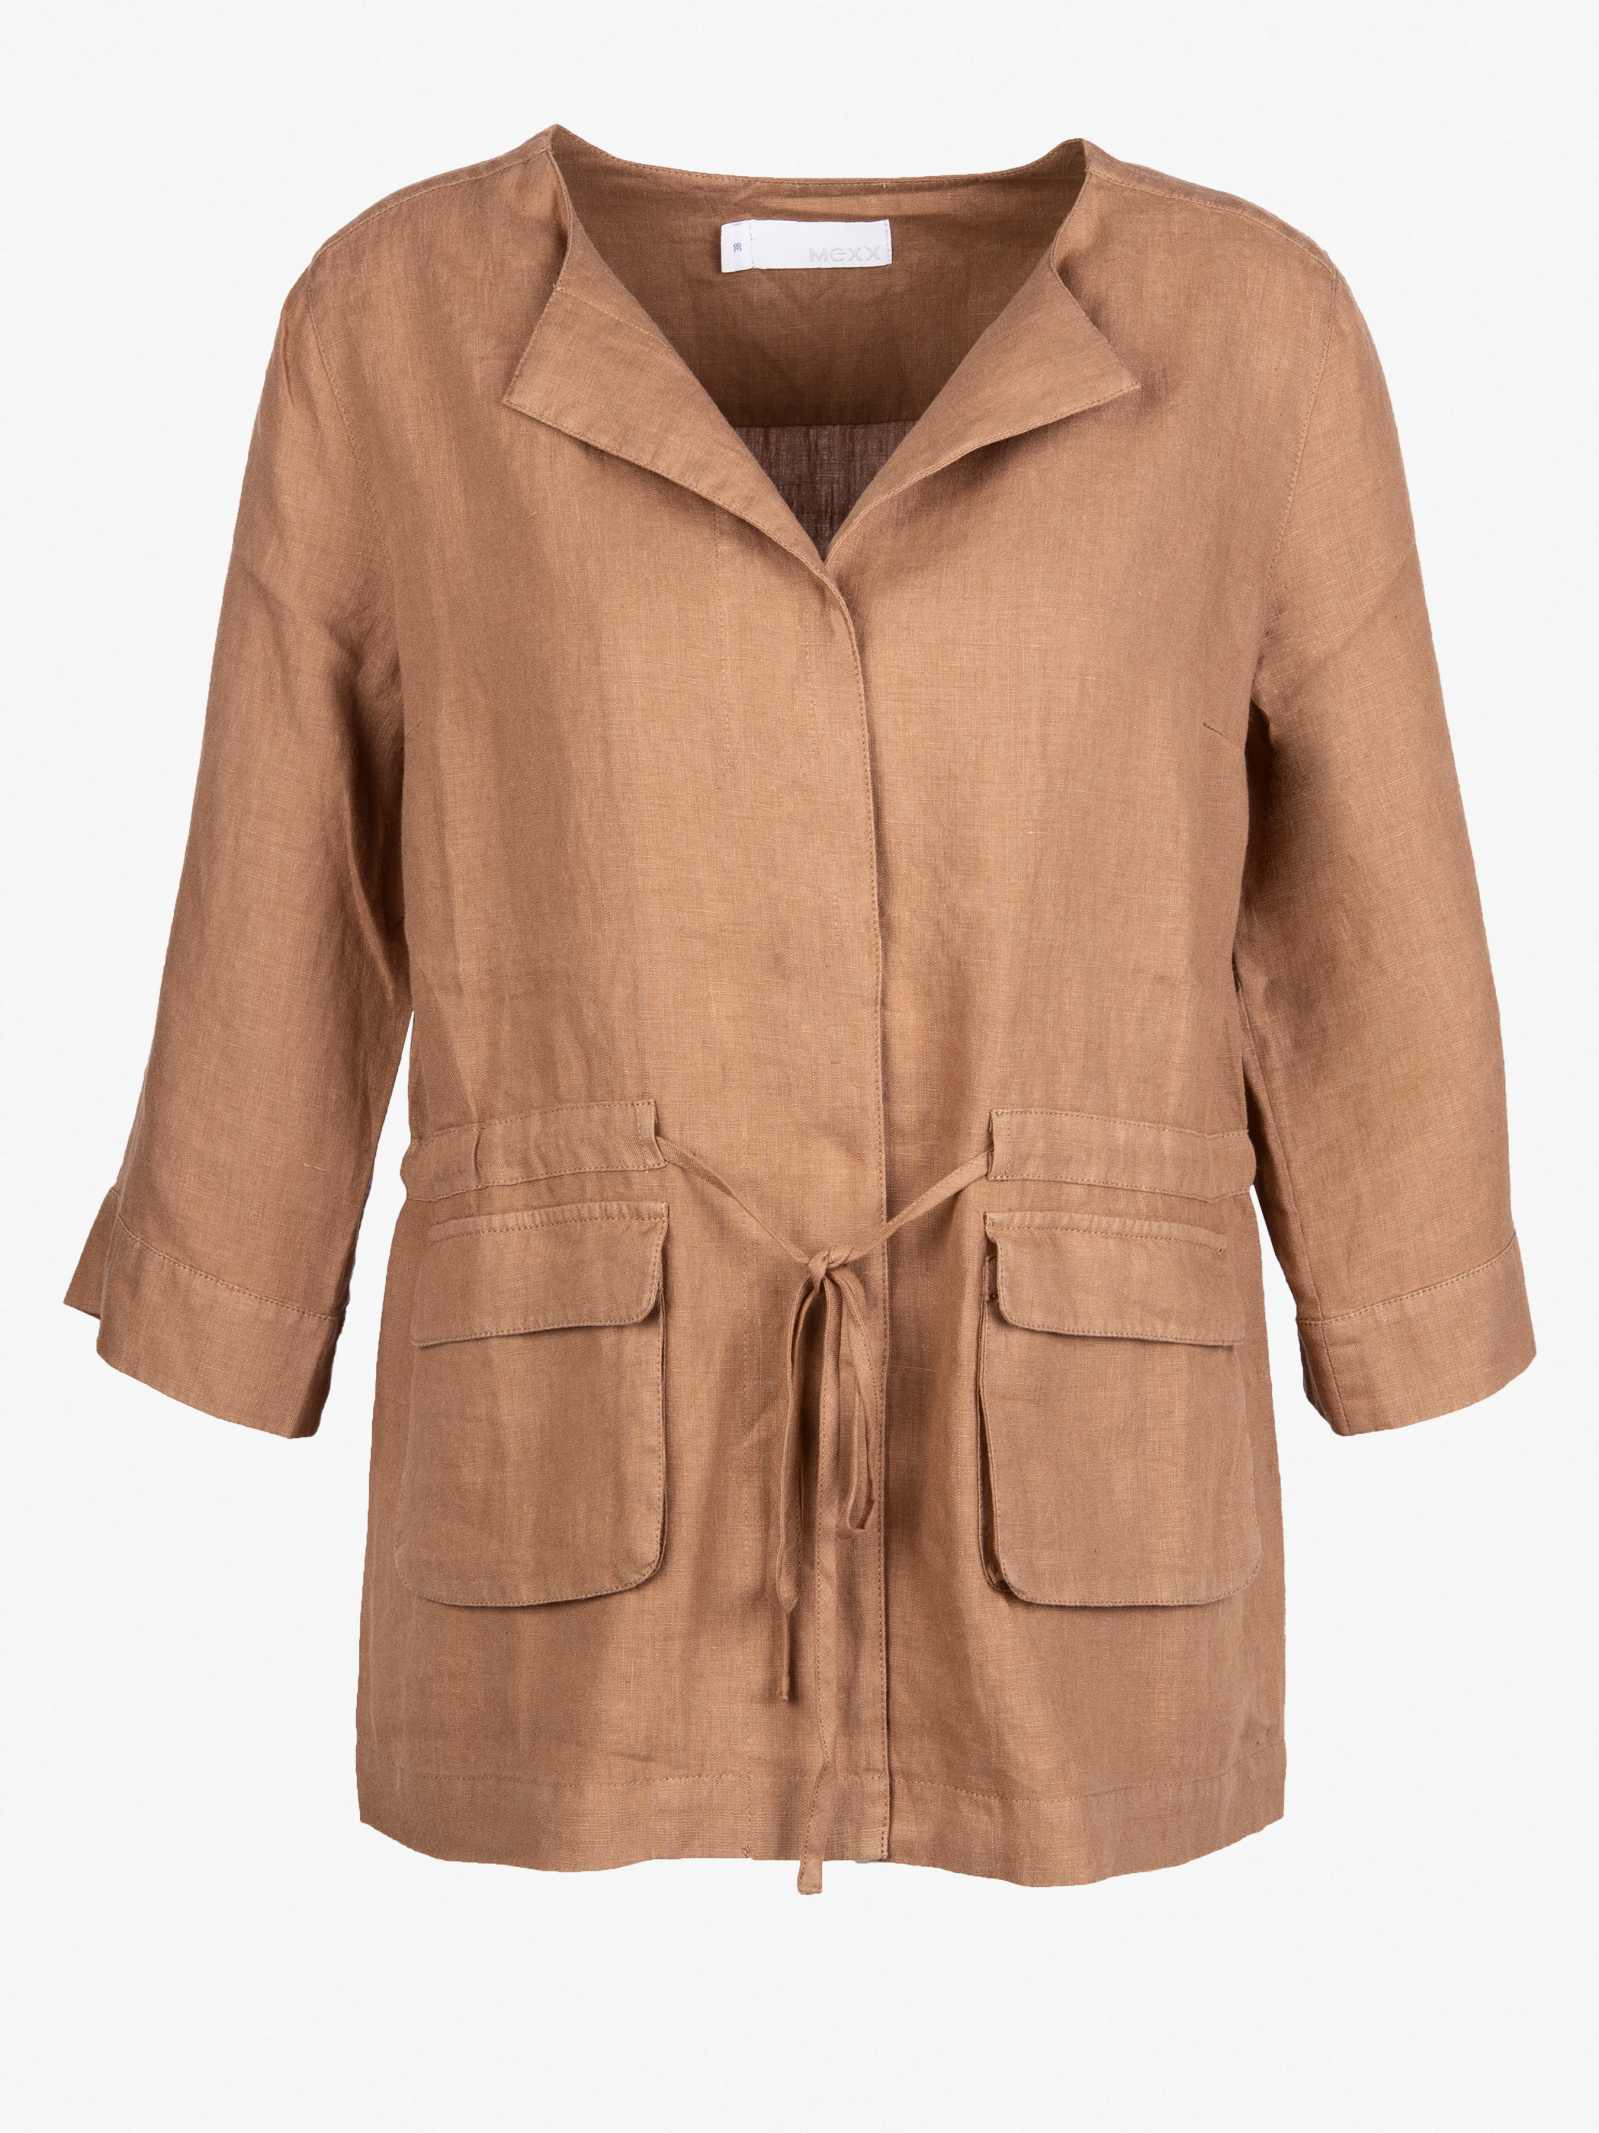 MEXX Куртка жіночі модель 75202-181022 купити, 2017